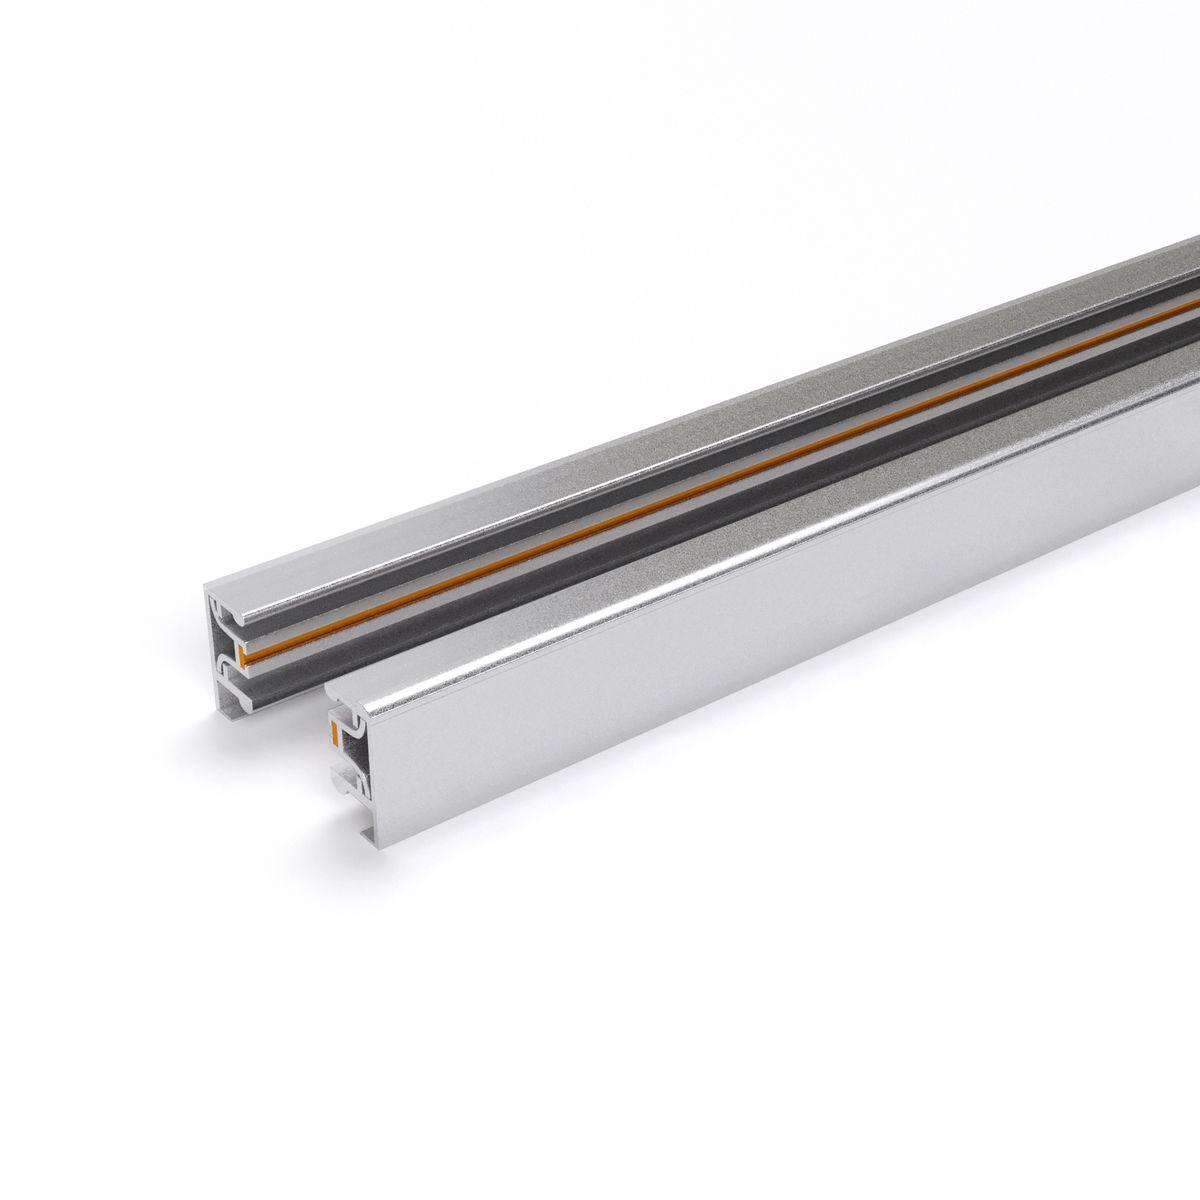 Шинопровод Elektrostandard 4690389150852 Track Rail SL Surfac